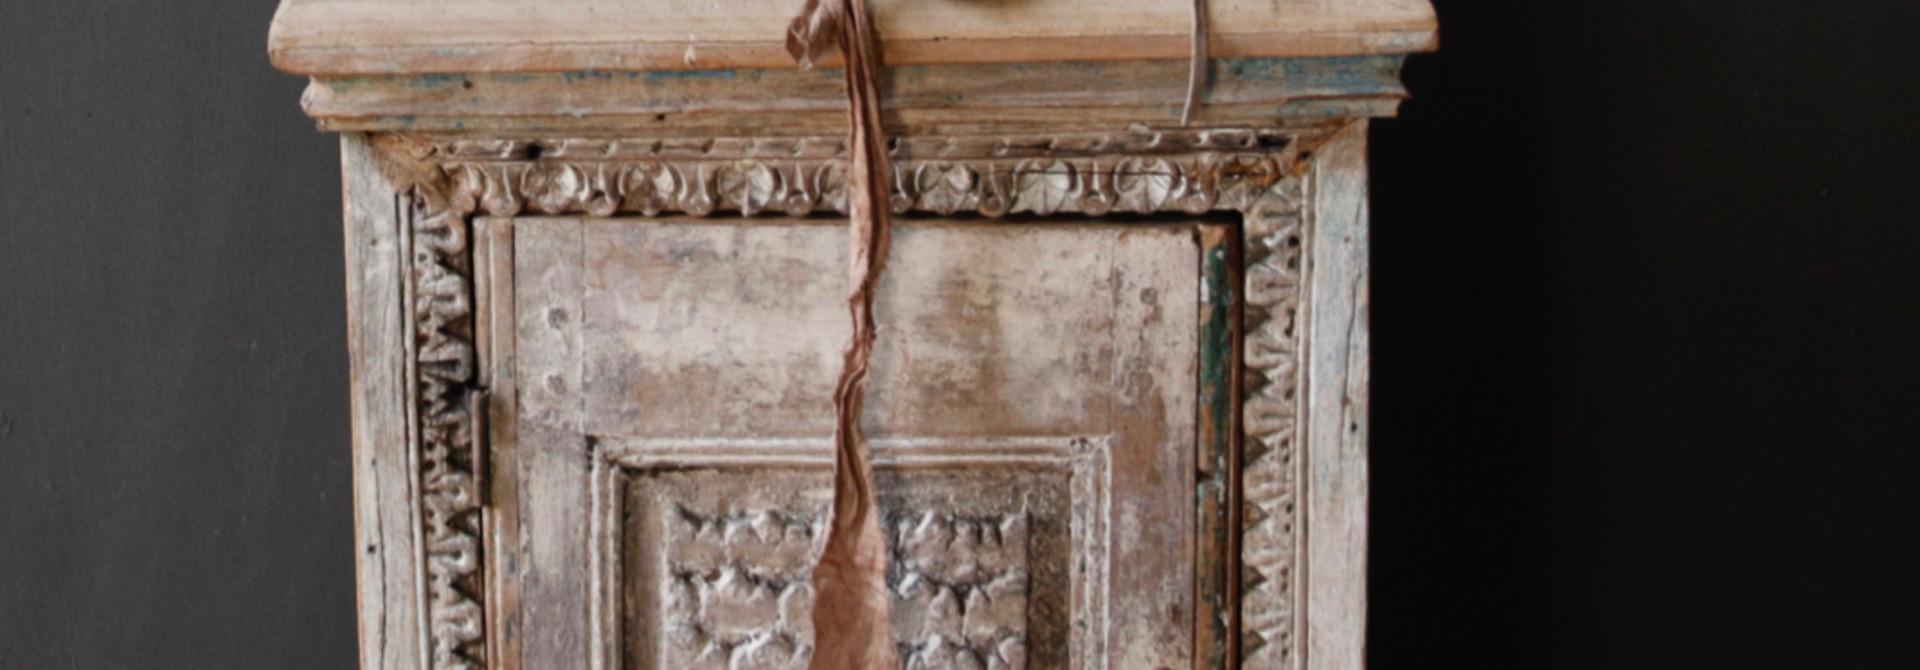 Einzigartiger alter indischer Schrank